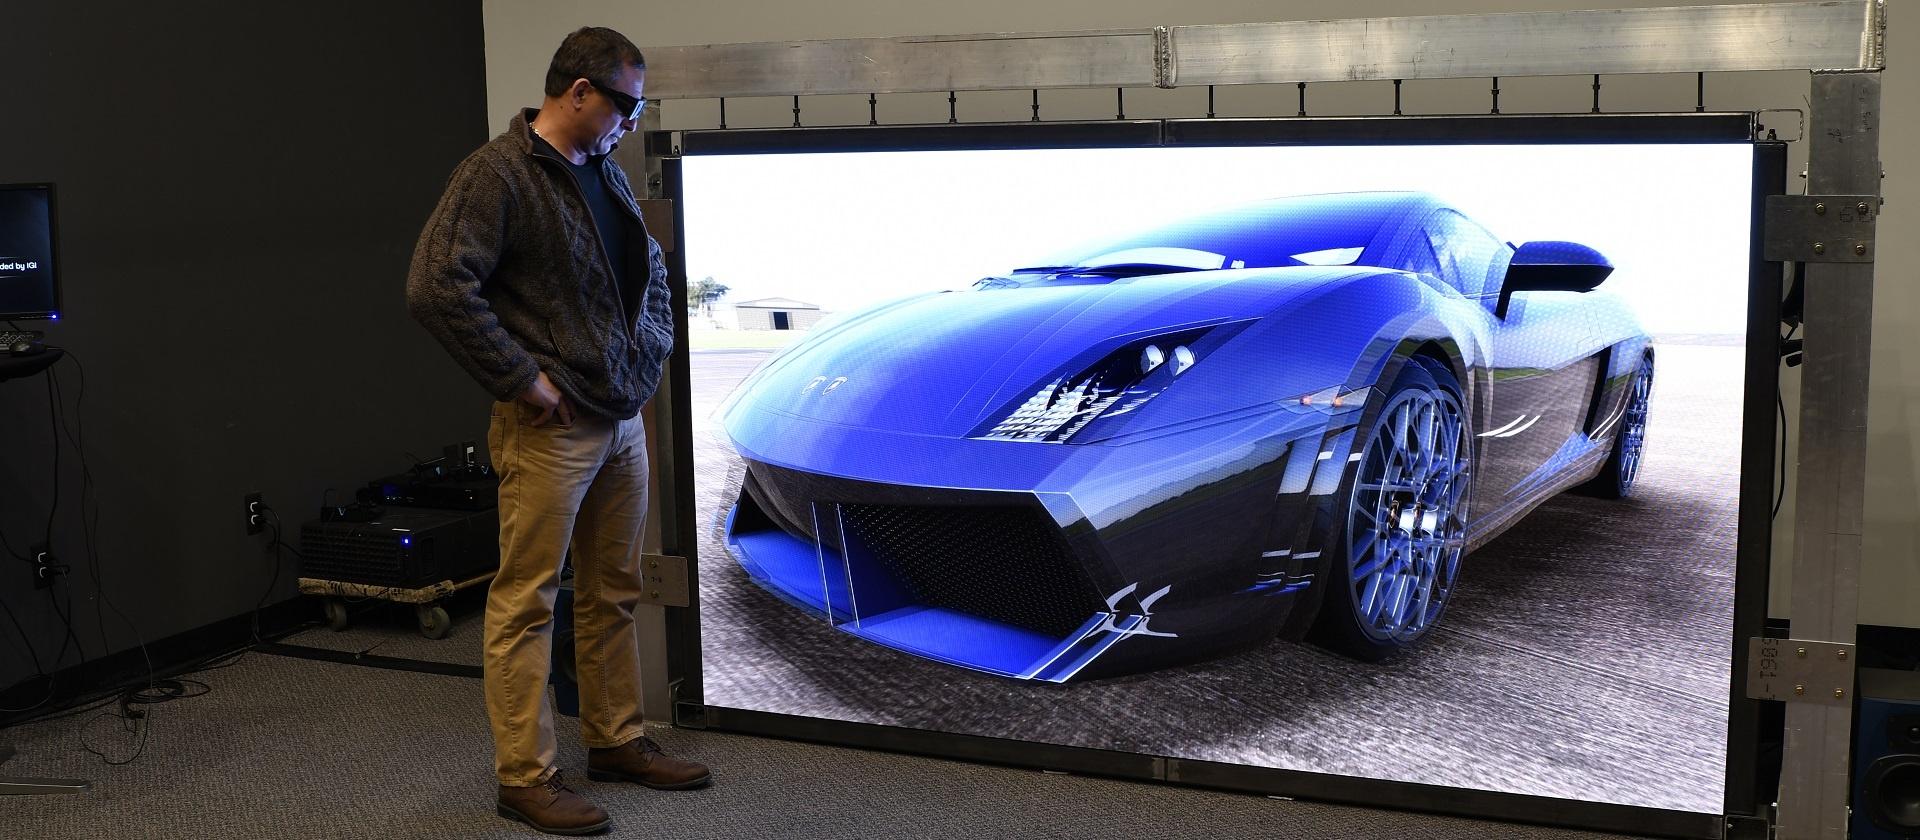 IGI 4K Forum demo of HD Sony Canvas AV technology